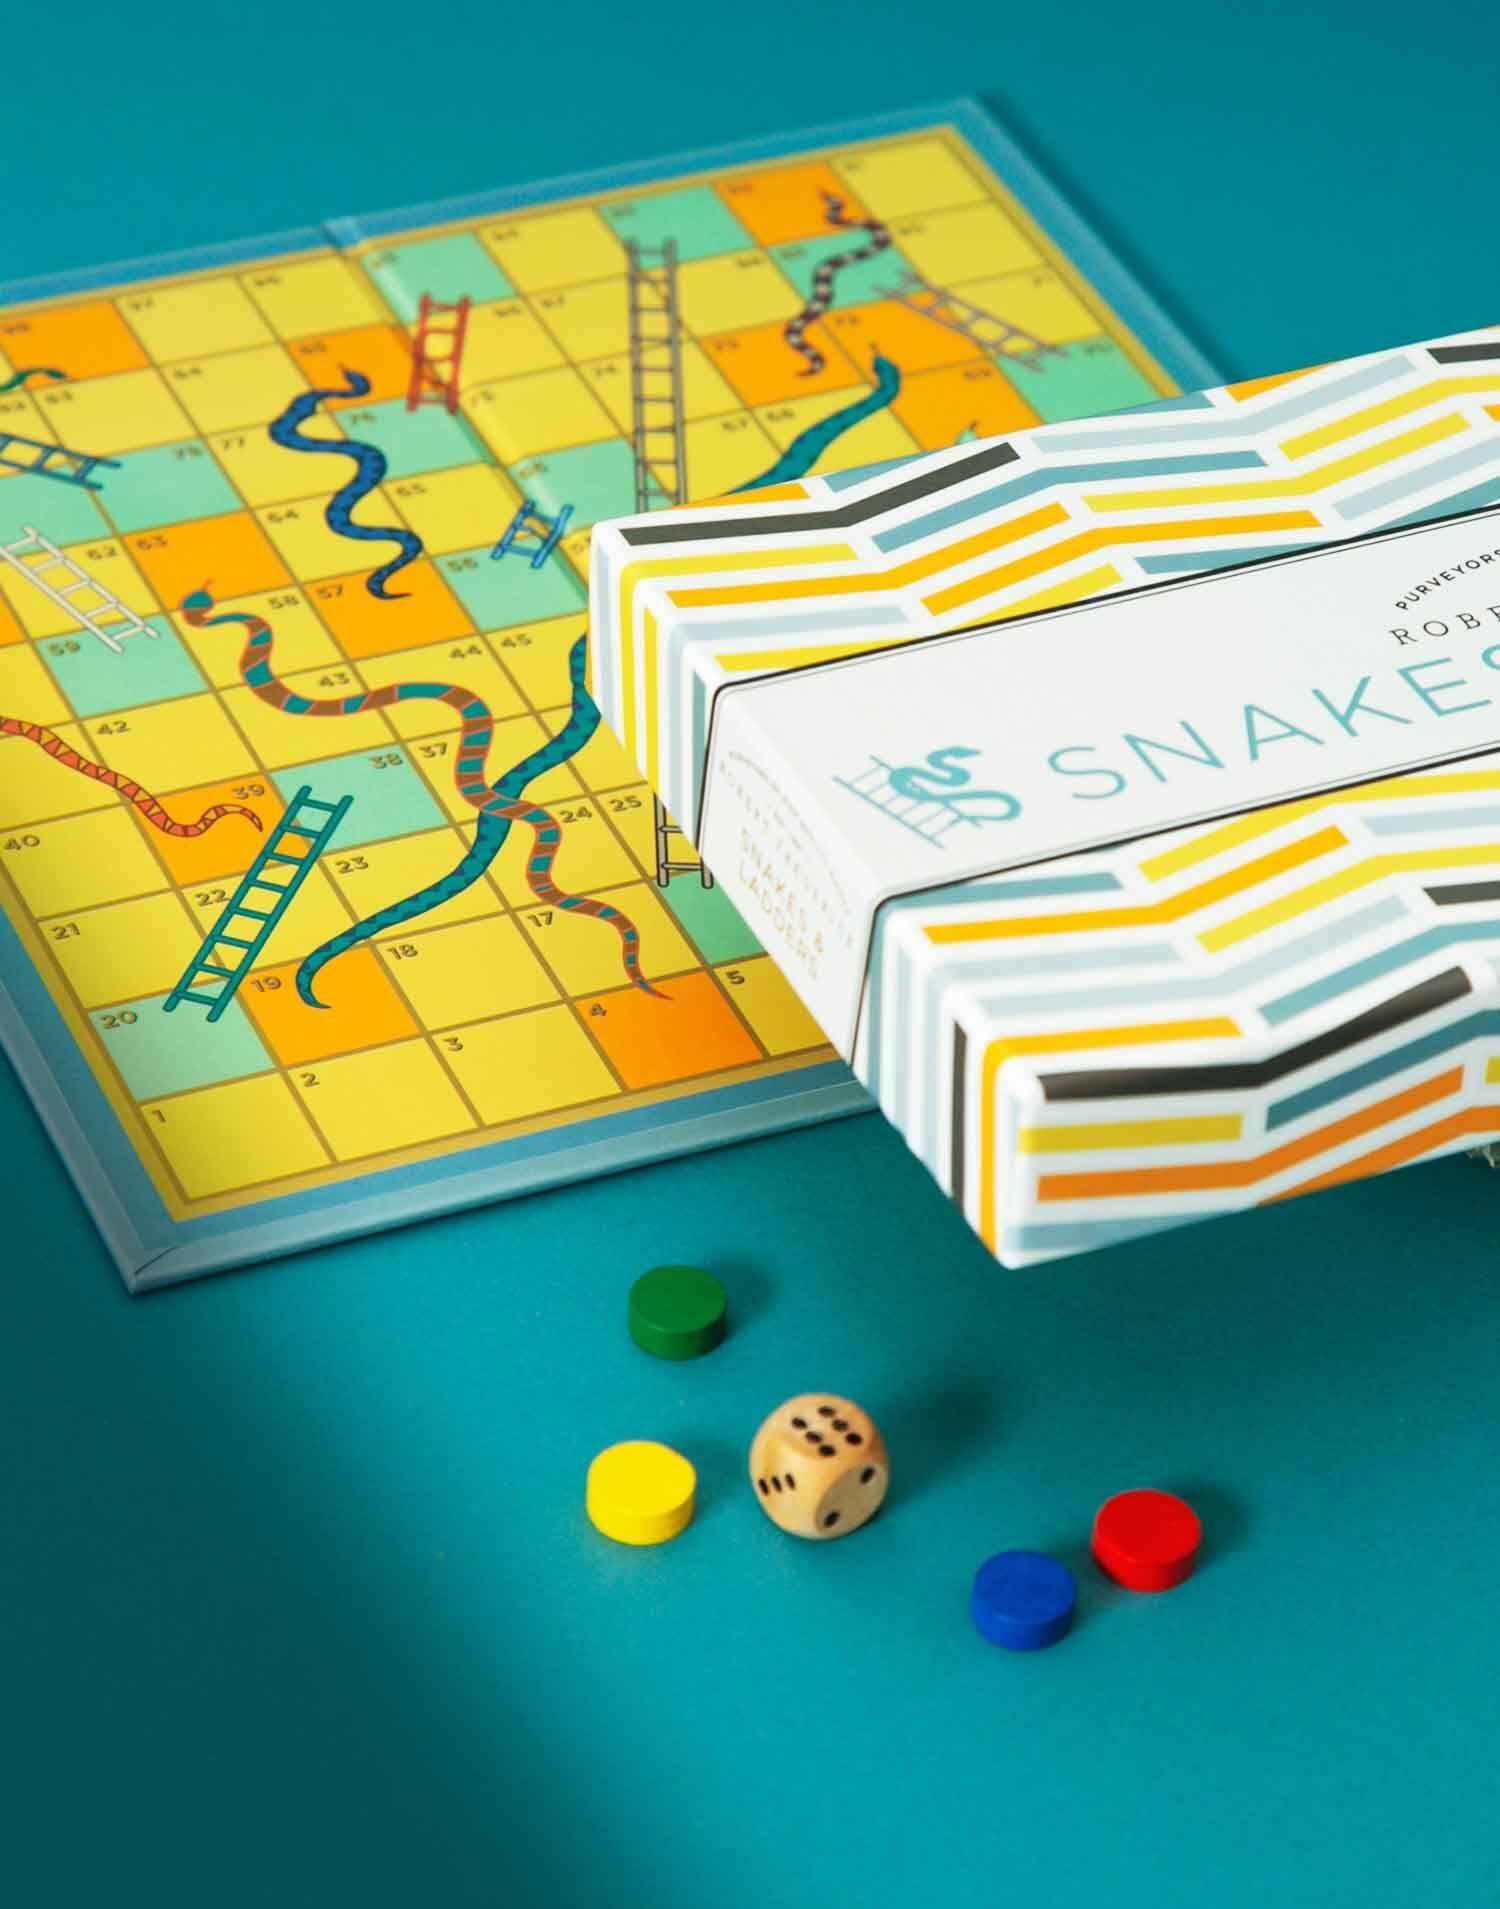 Juego snakes